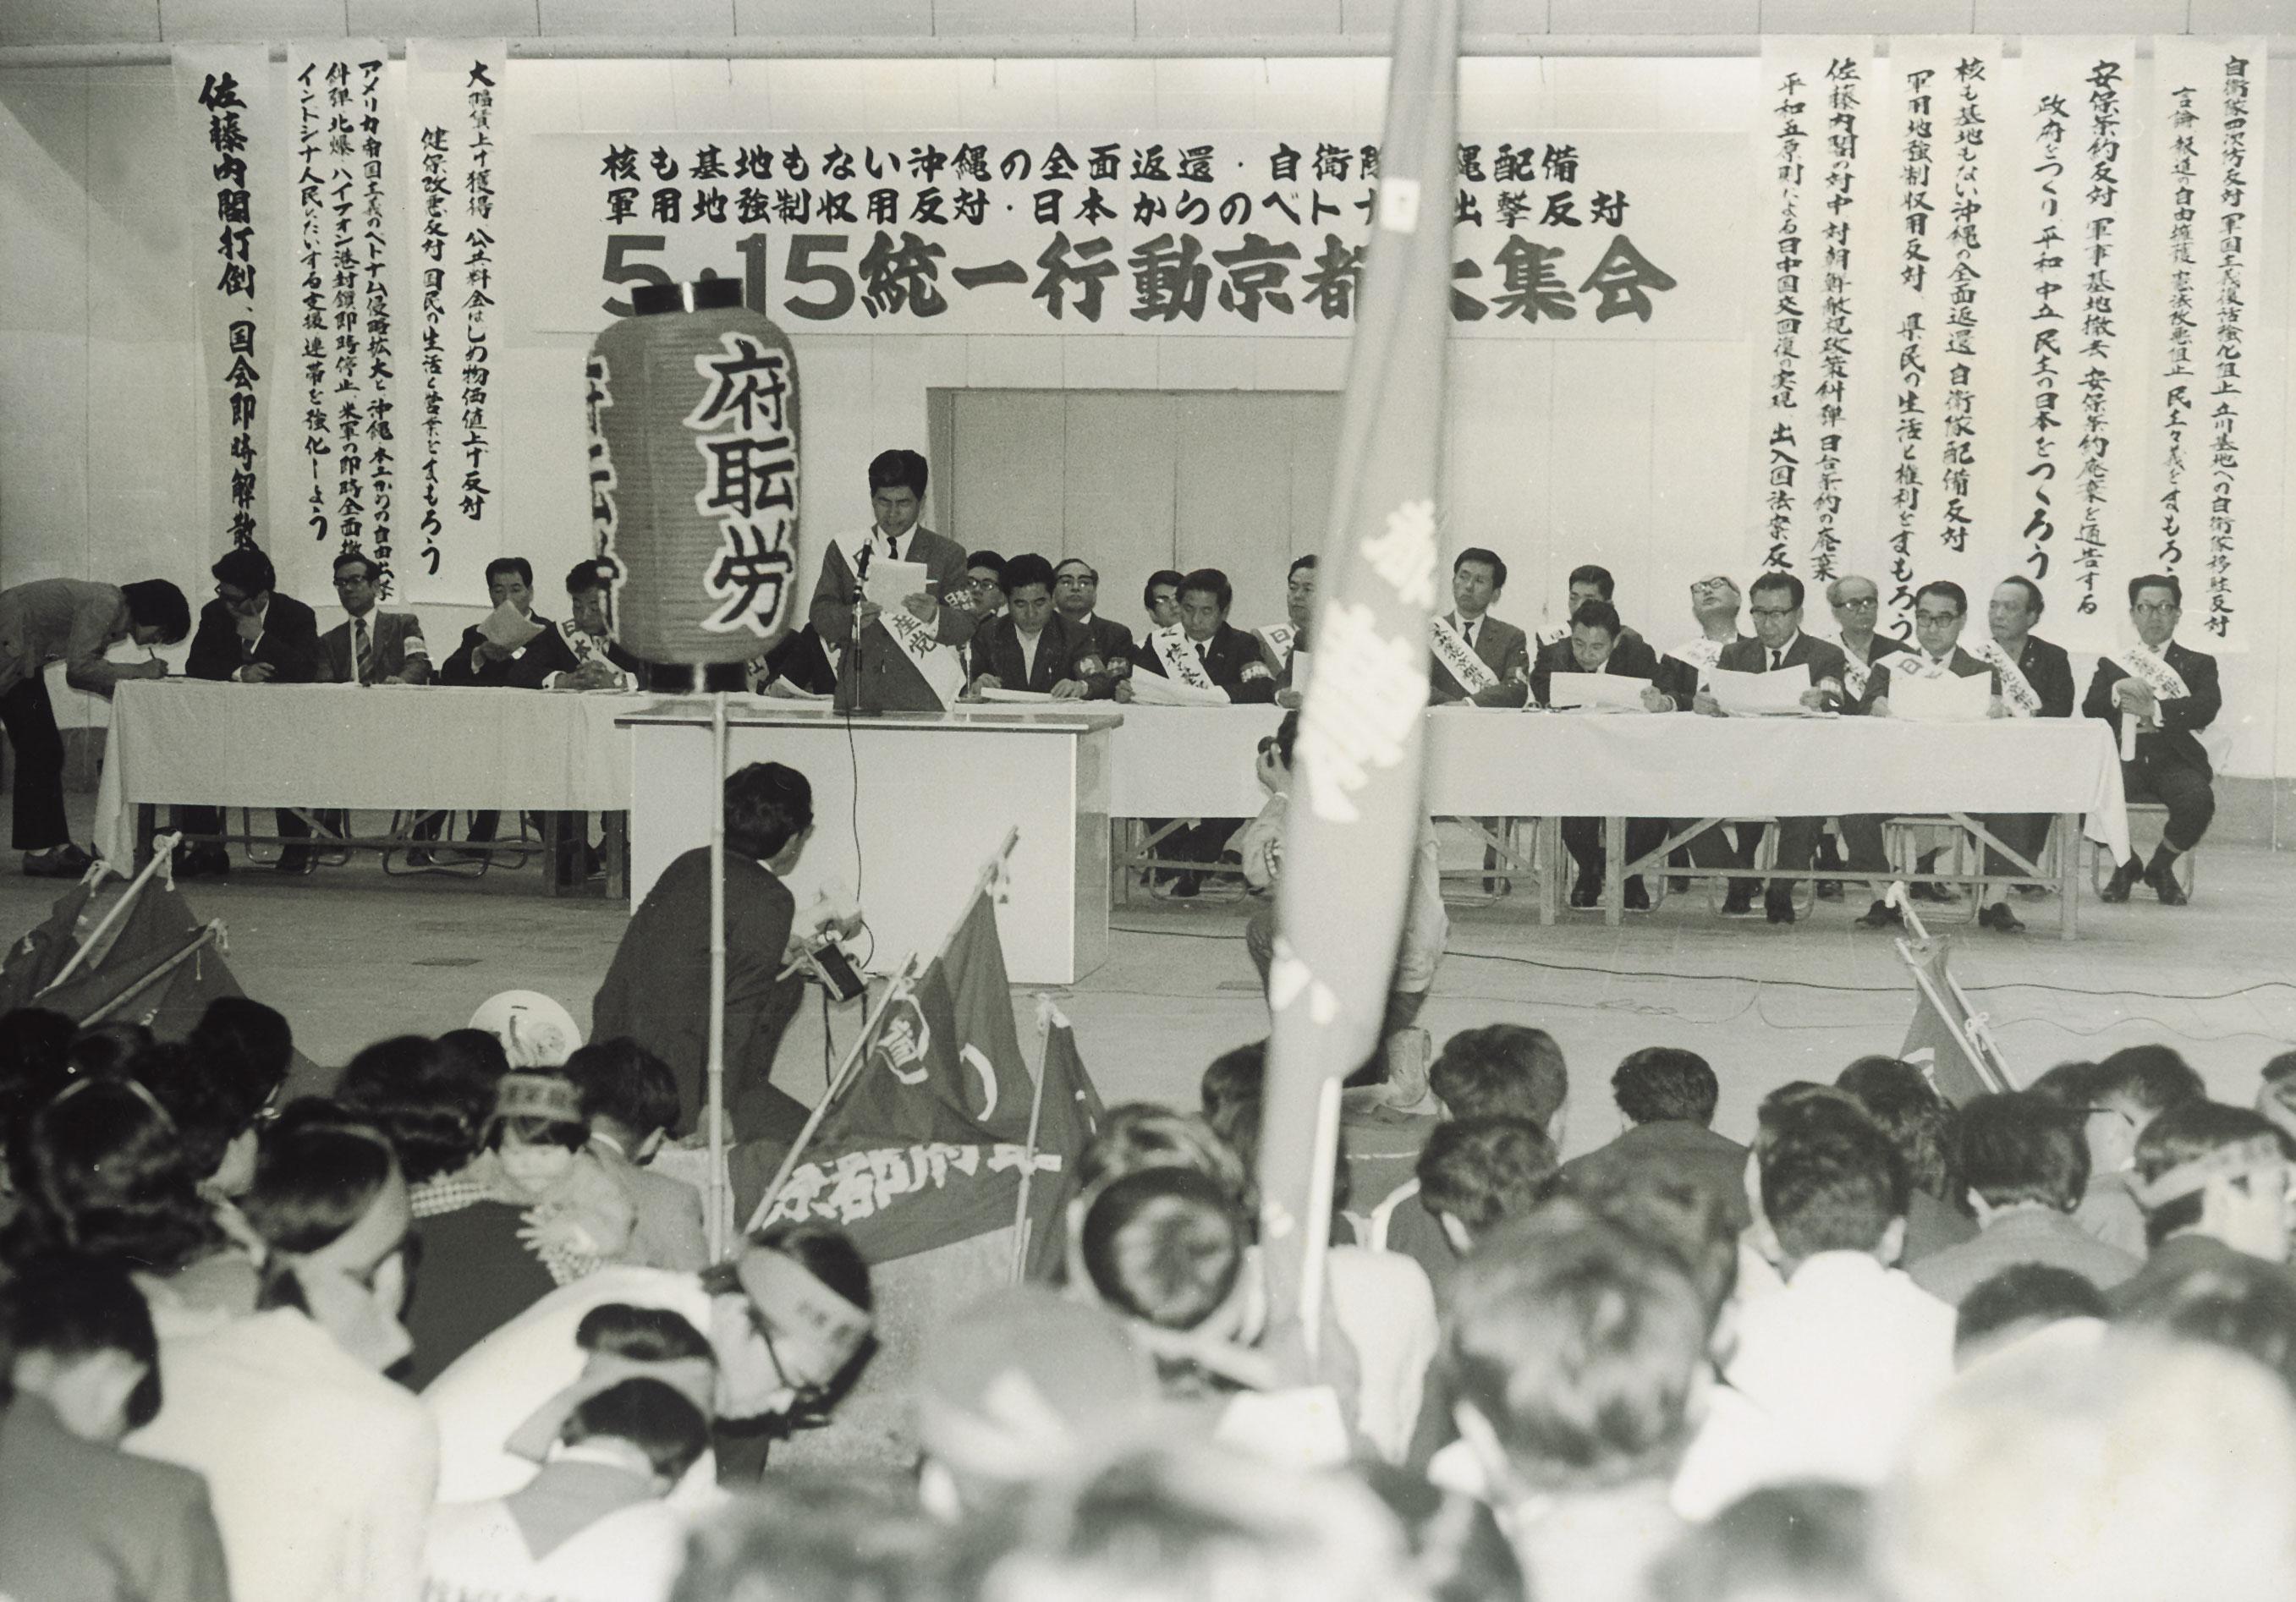 小選挙区制粉砕5・15全国統一行動京都集会